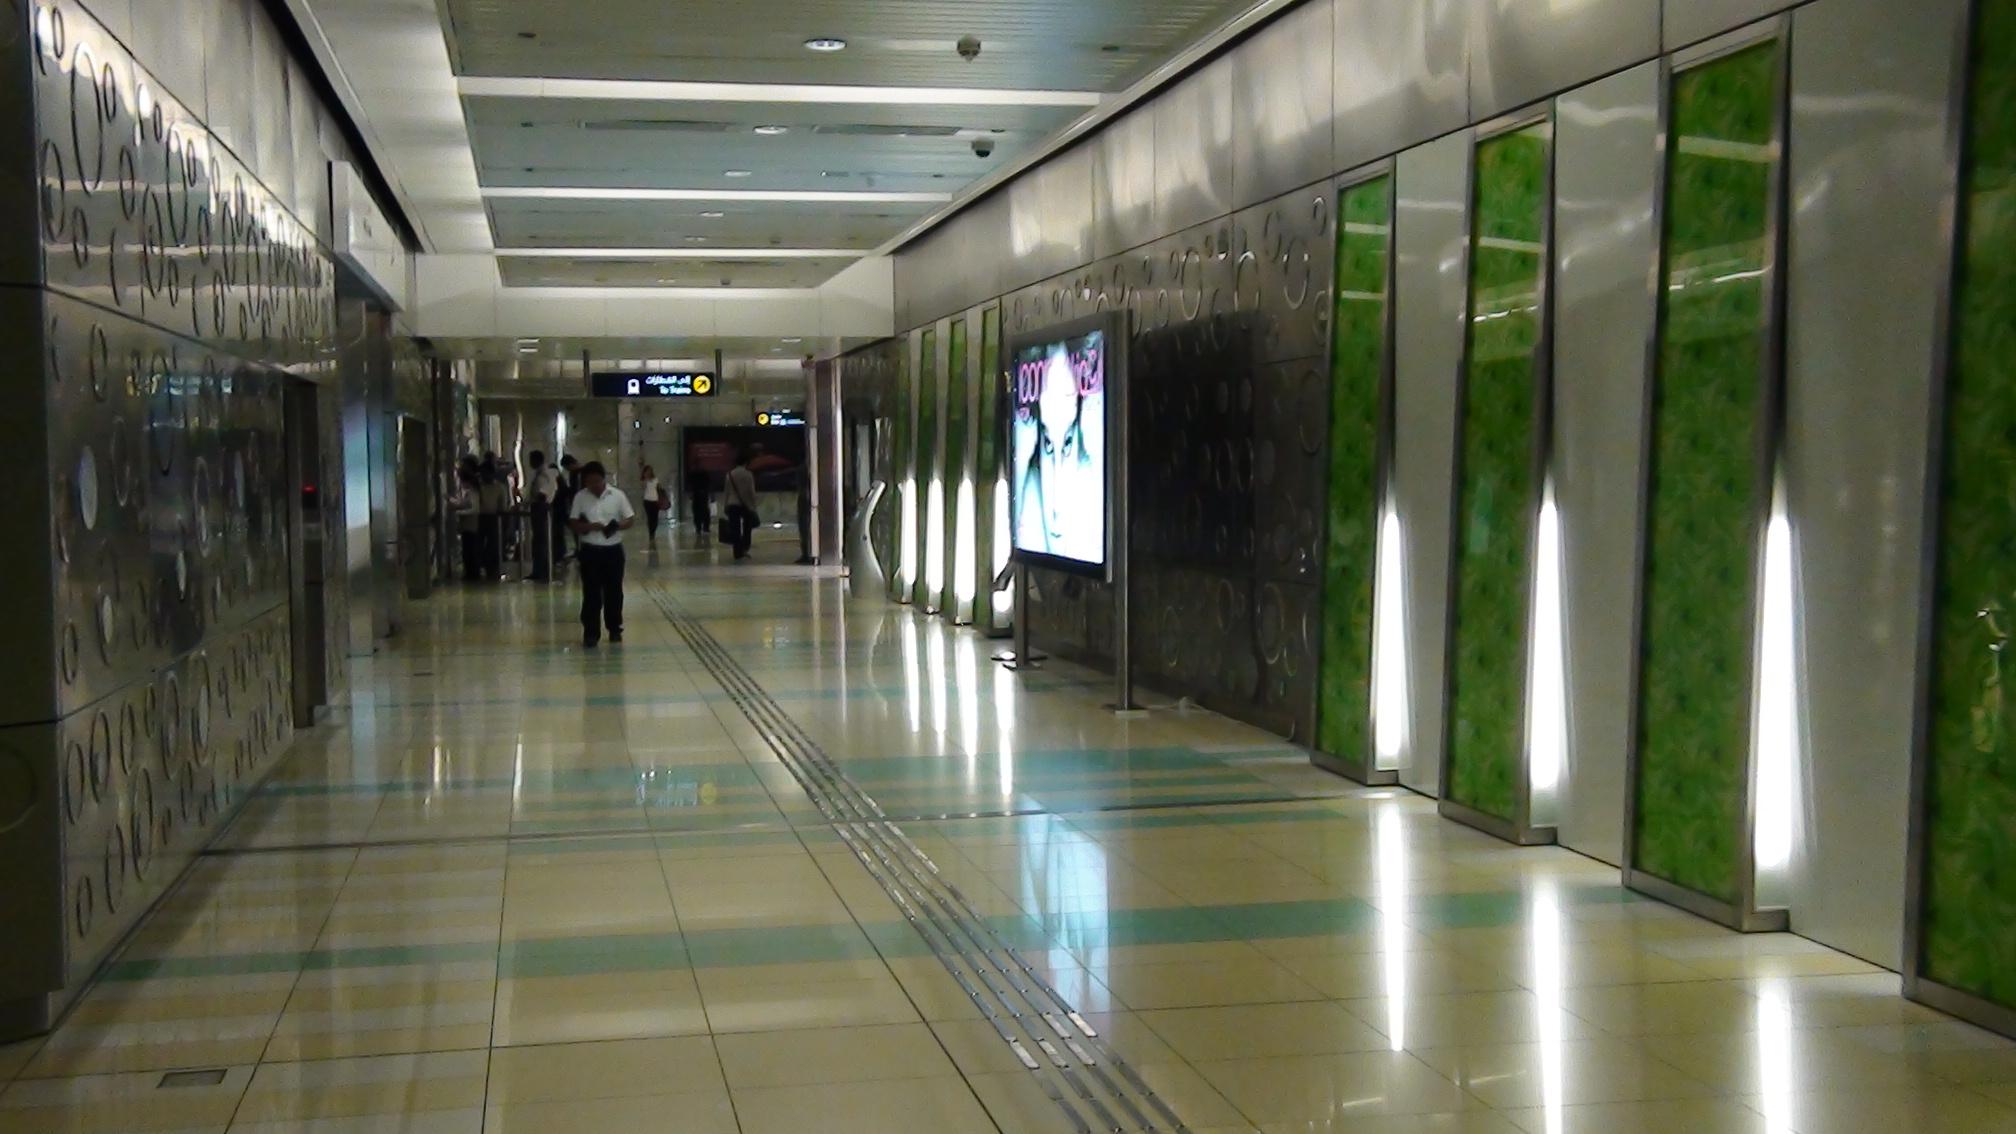 مترو دبى - dubai metro (78)